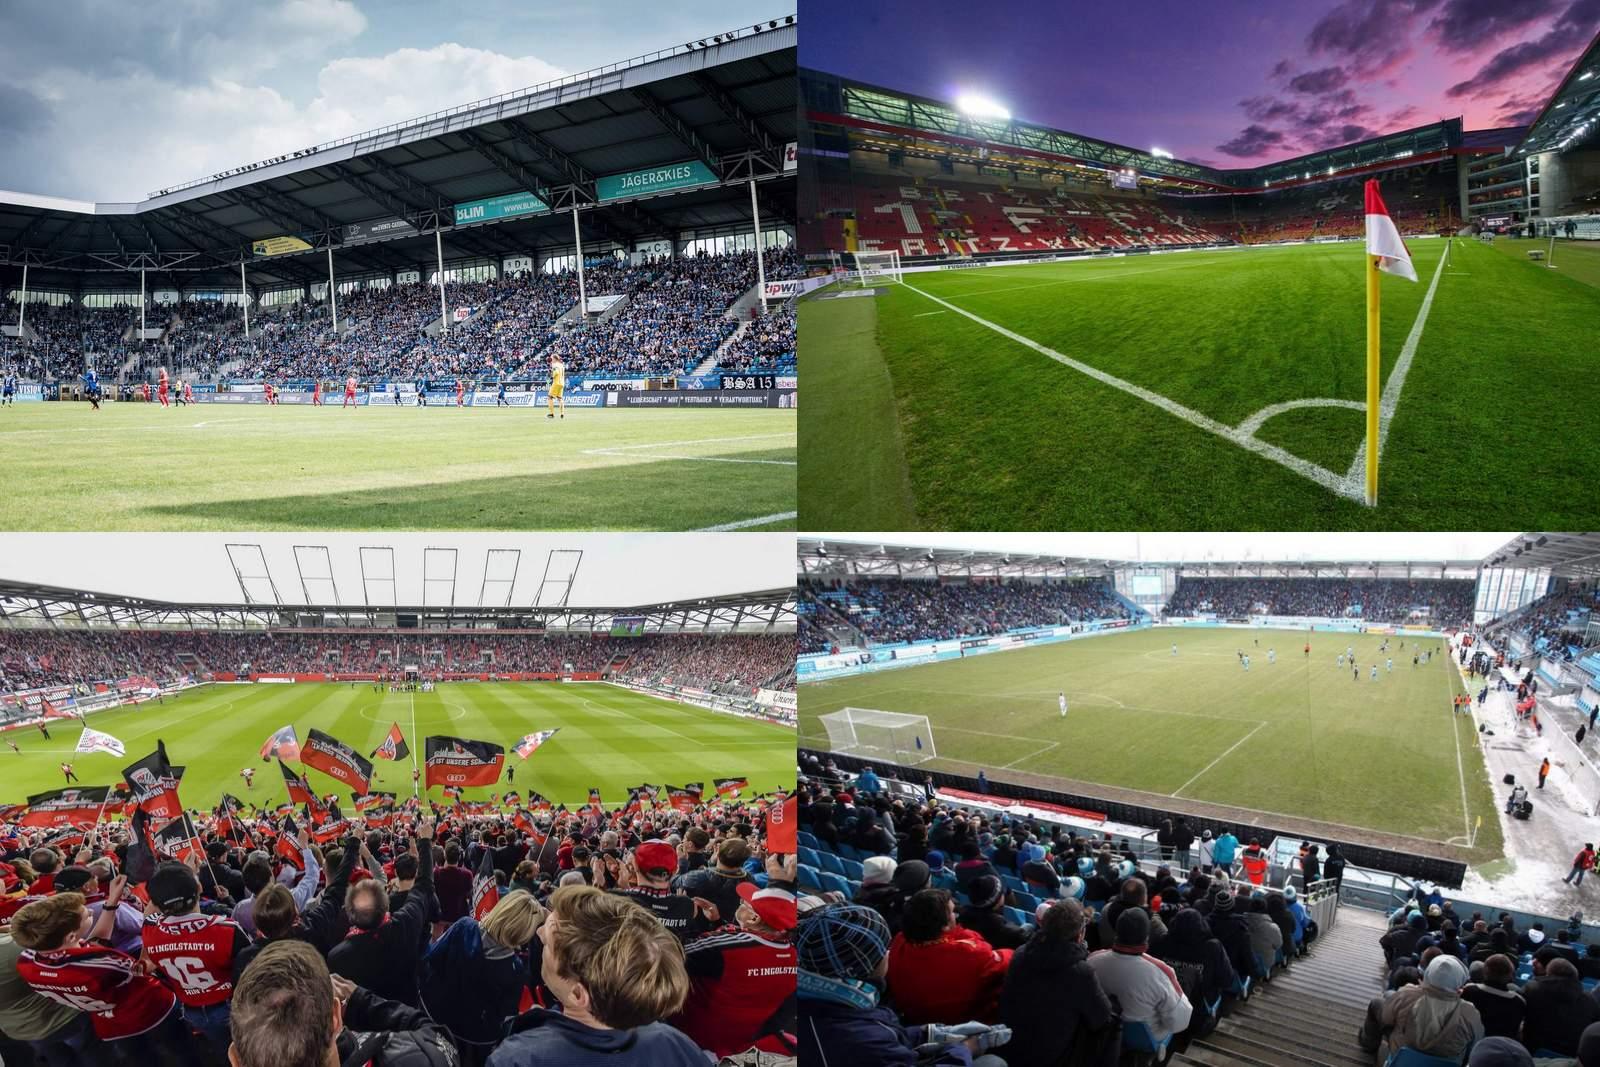 collage, 3. liga, stadion, übersicht